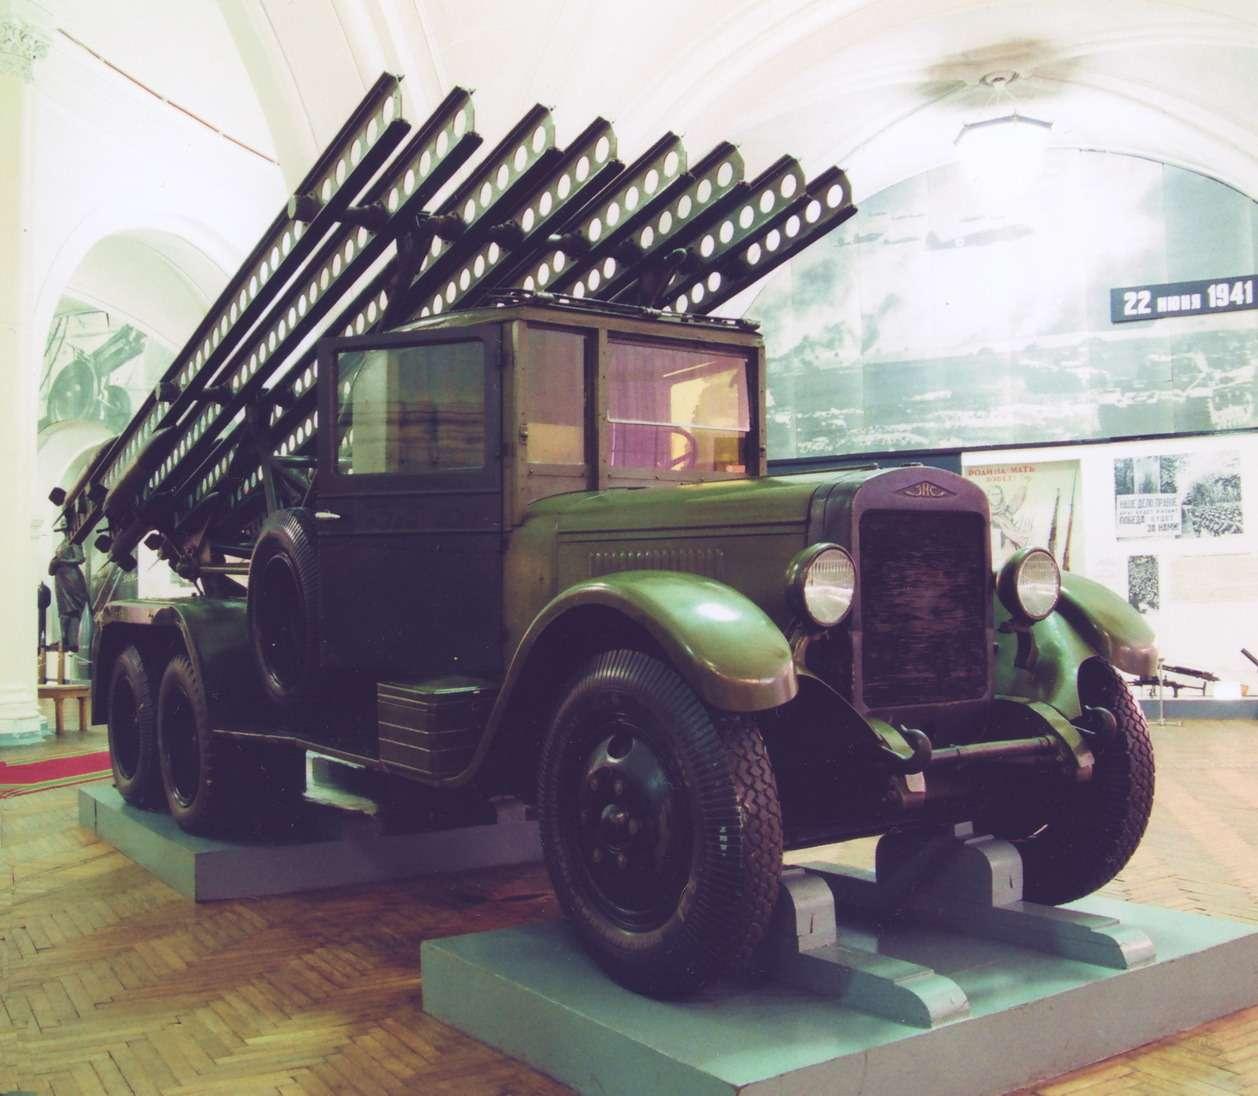 Реактивный миномет БМ-13на шасси грузовика ЗиС-6в экспозиции Военно-исторического музея артиллерии, инженерных войск ивойск связи Санкт-Петербурга— единственная дошедшая донаших дней впервоначальном виде «Катюша». Два других образца реактивных установок времен Великой отечественной войны вмузее базируются намуляжах.